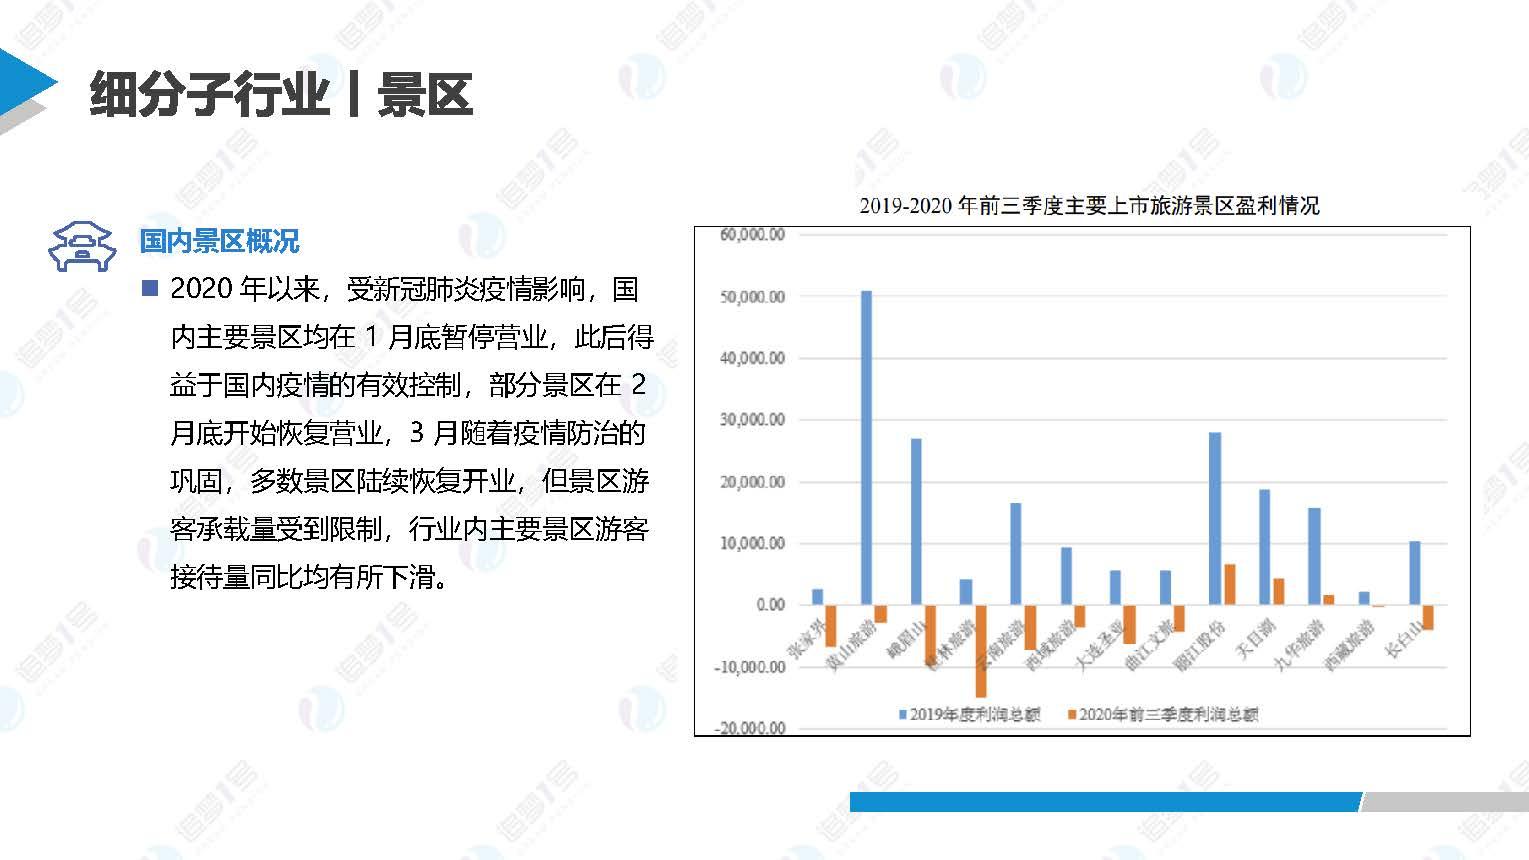 中国旅游行业研究 _页面_20.jpg